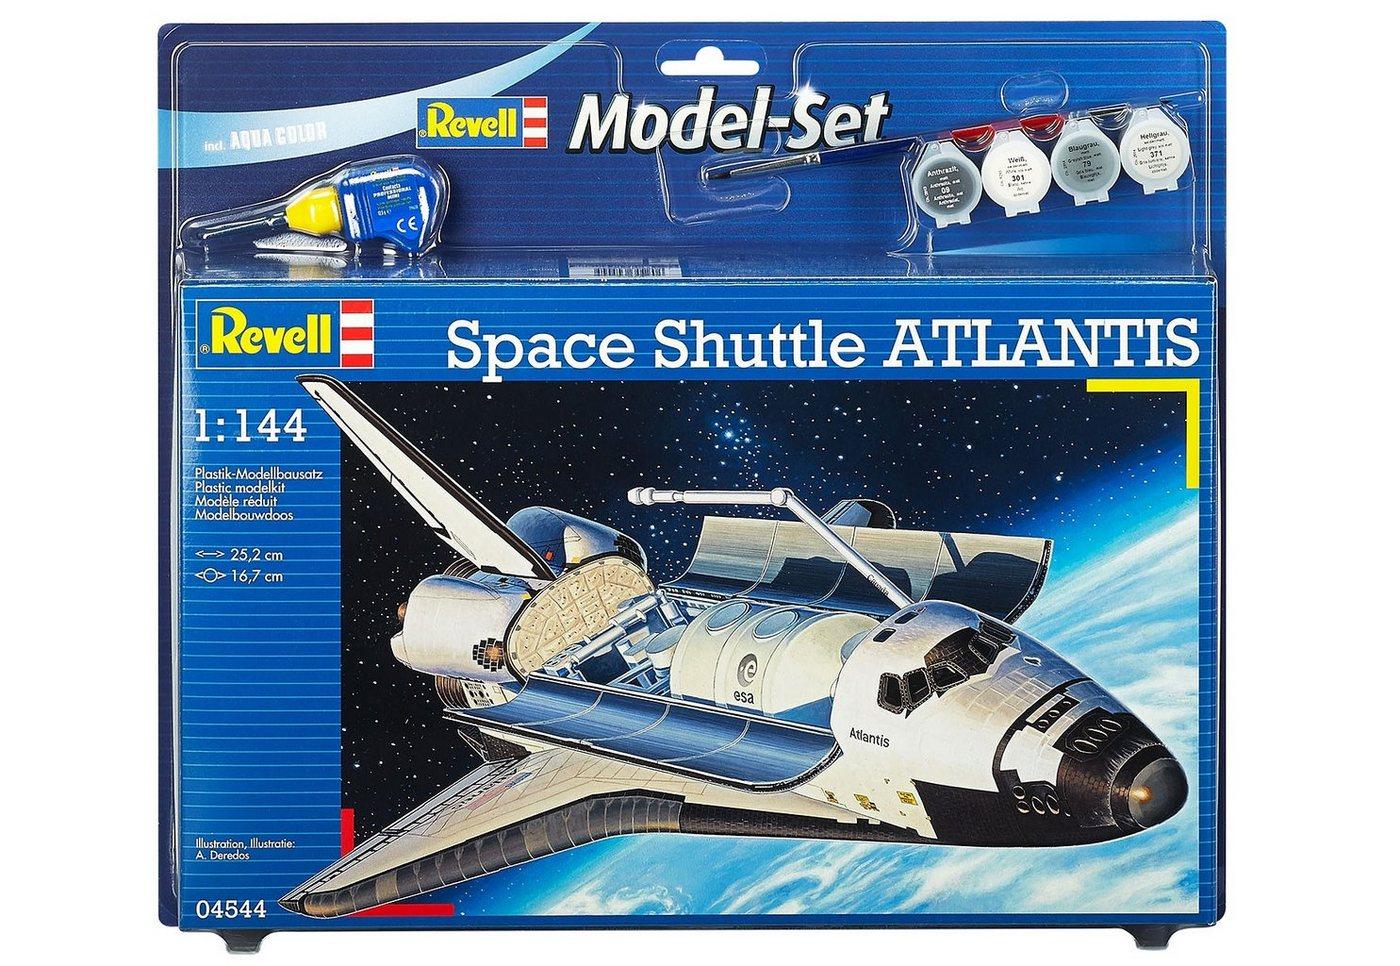 Revell® Modellbausatz Raumschiff mit Zubehör, Maßstab 1:144, »Model Set - Space Shuttle Atlantis